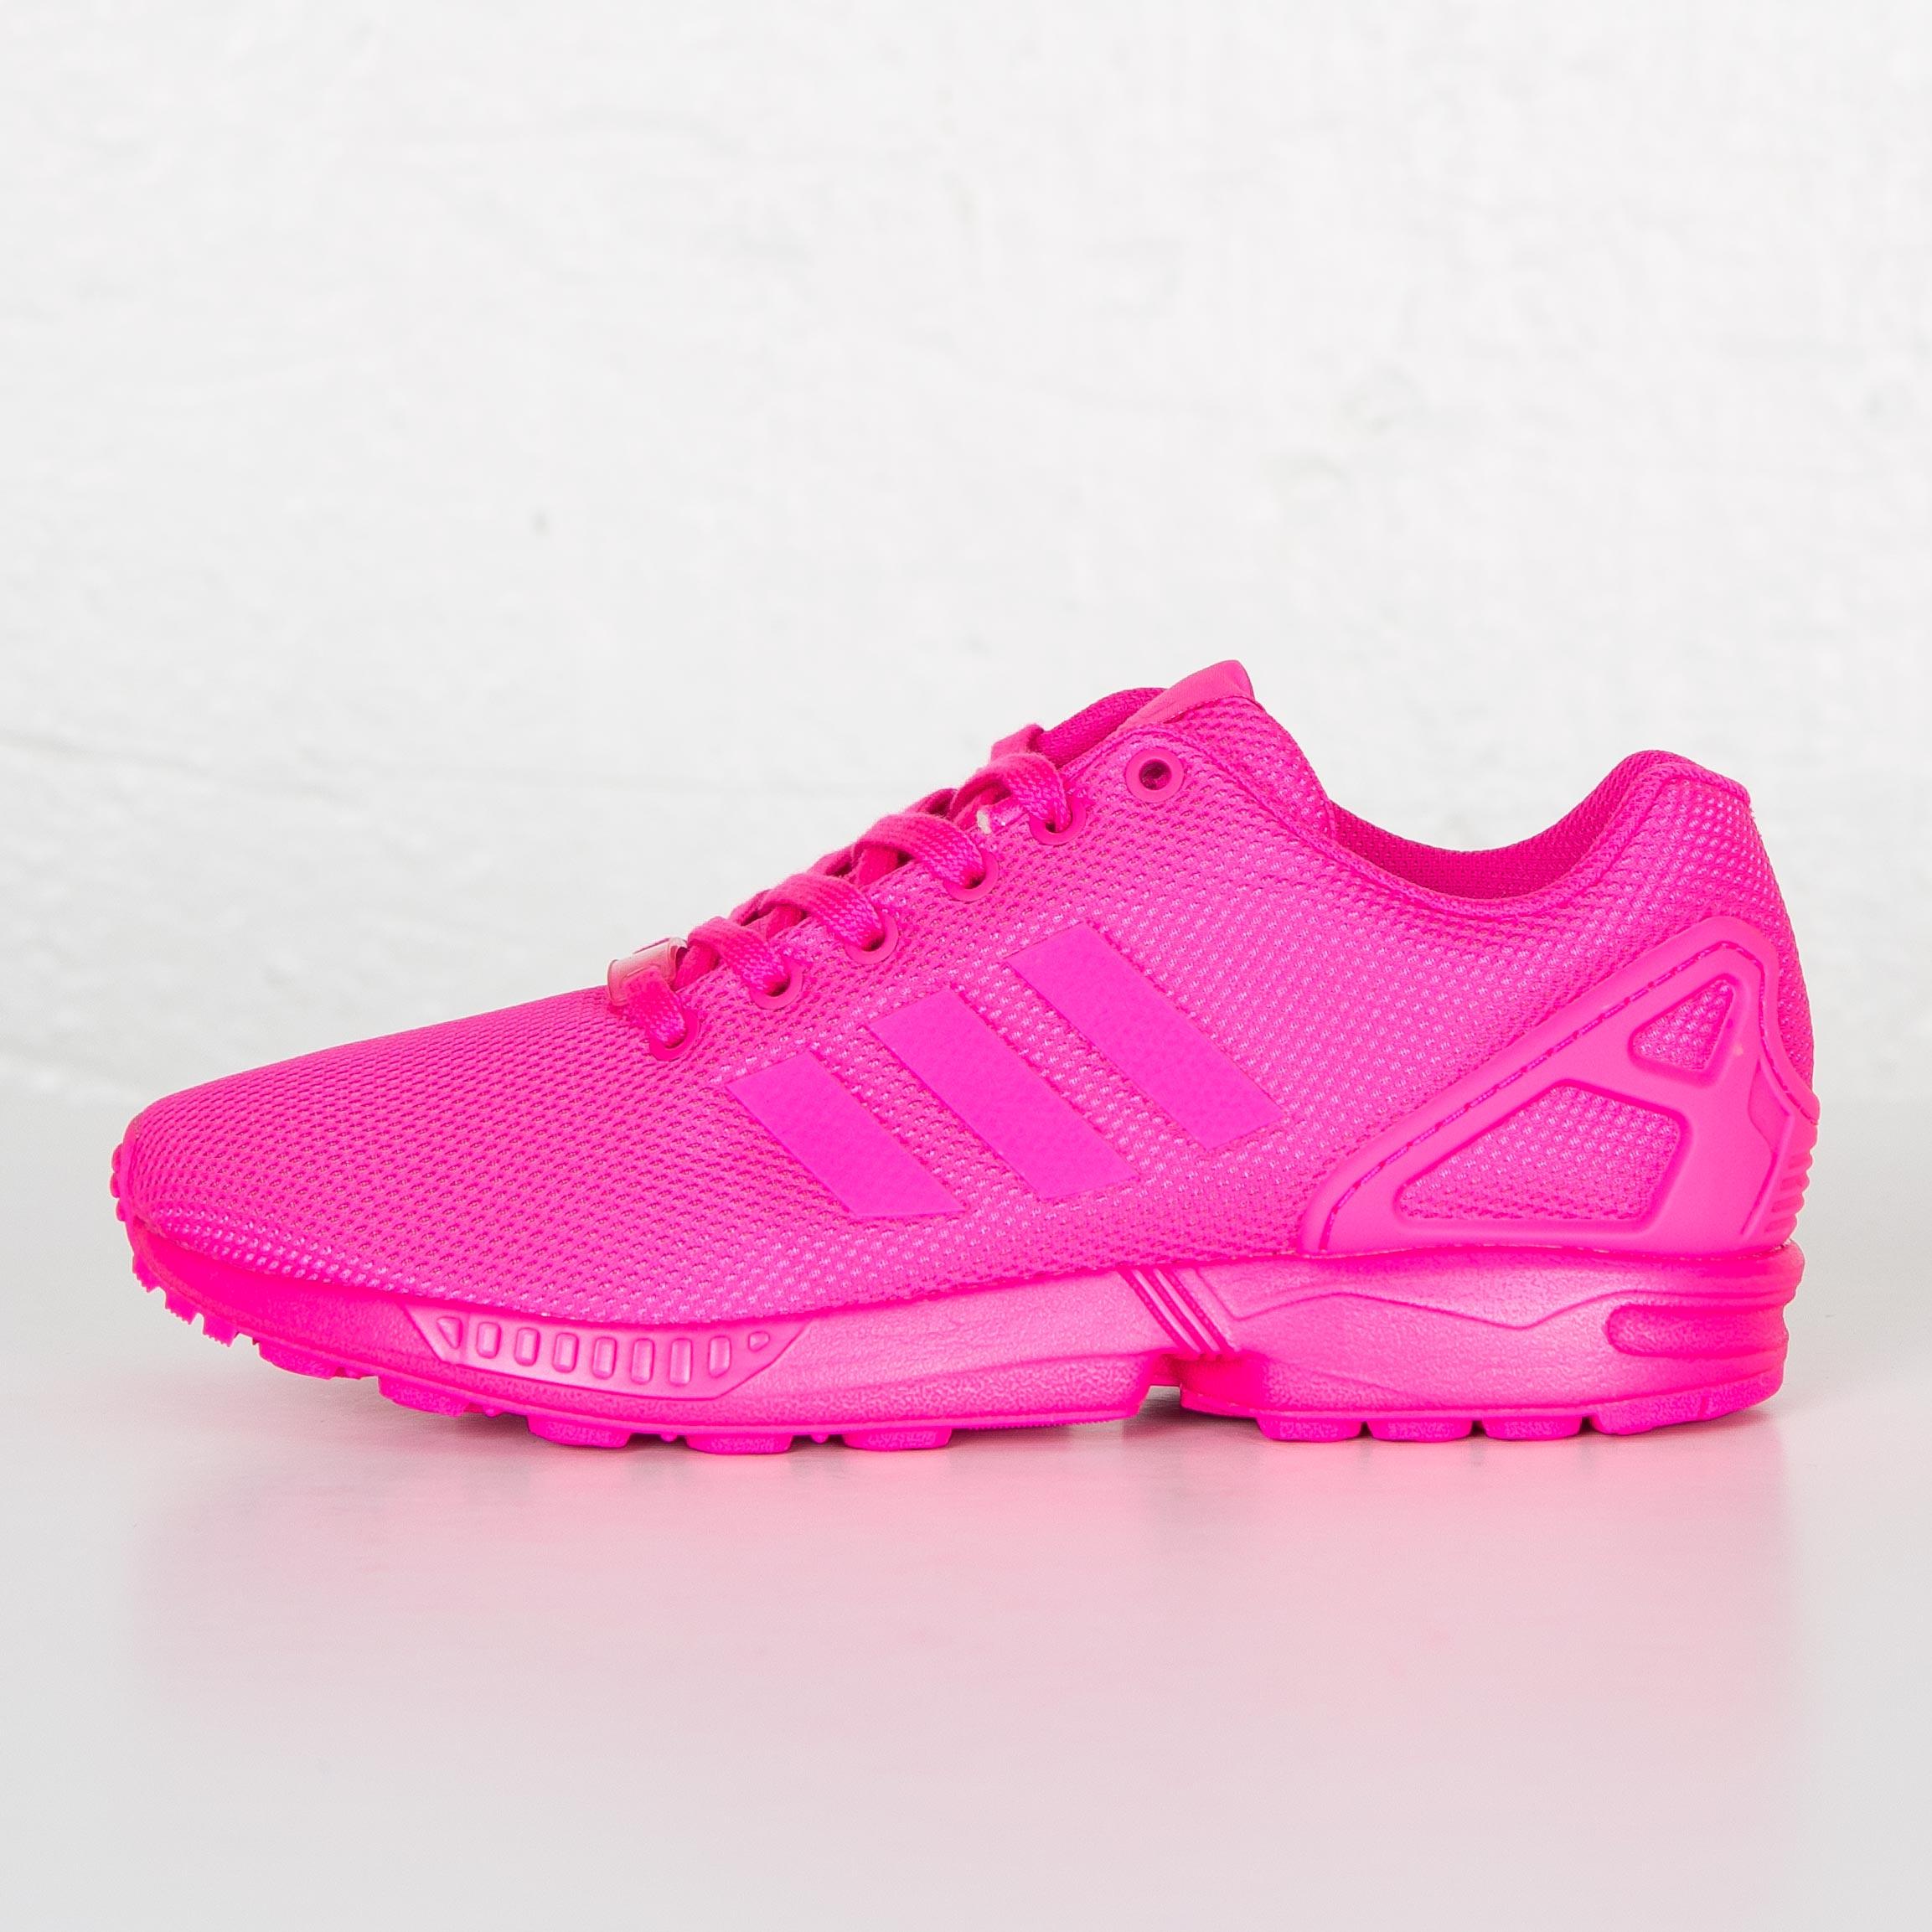 adidas ZX Flux S75490 Sneakersnstuff I Sneakers